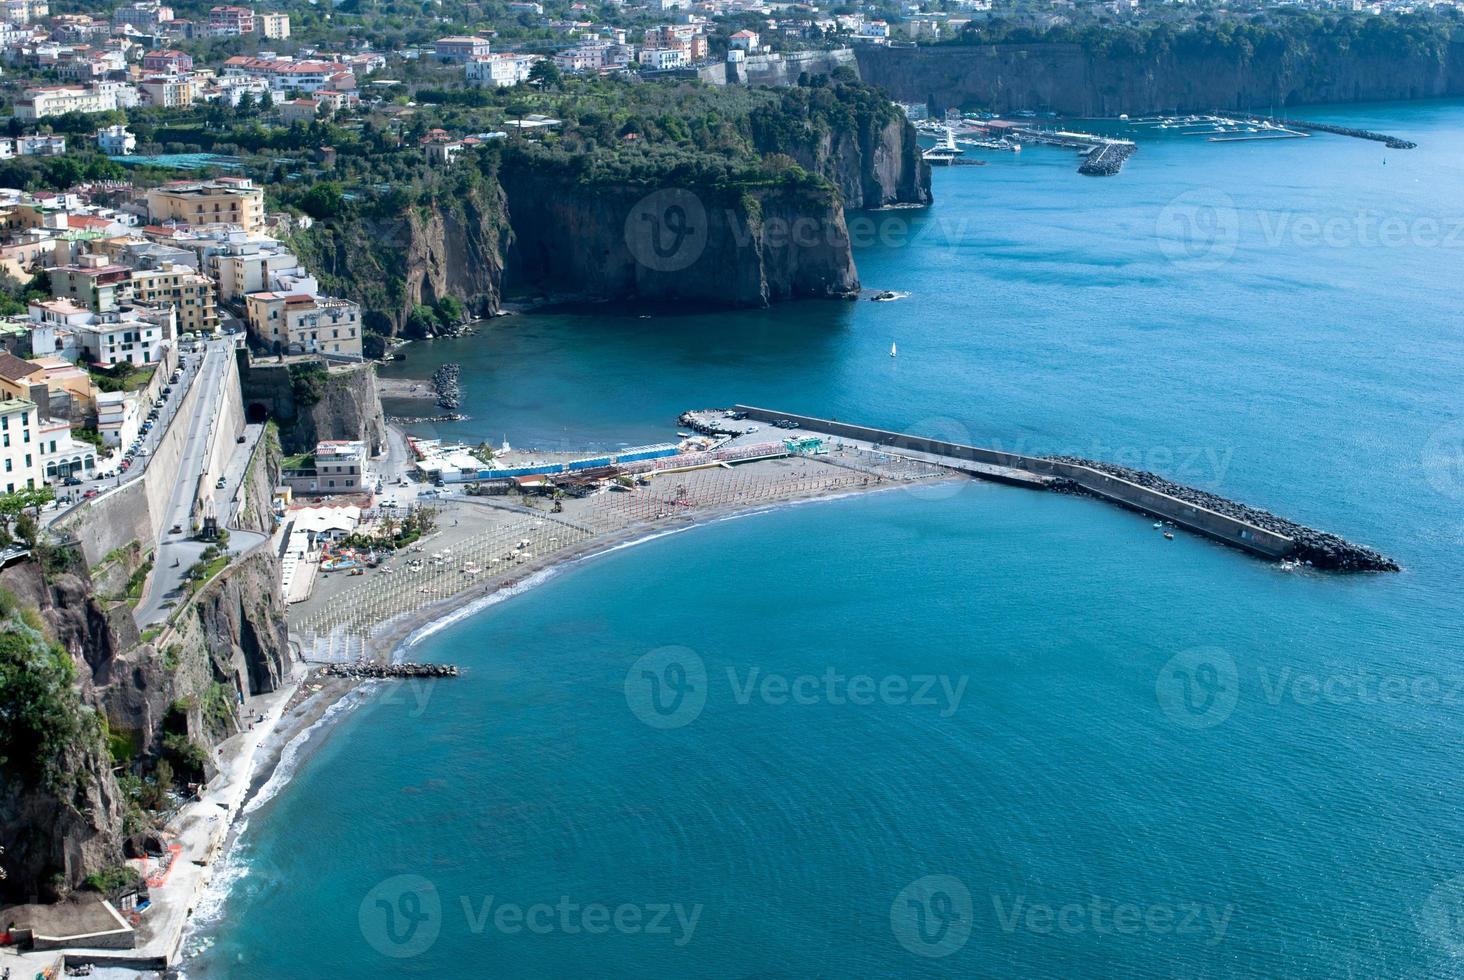 Meta village of Sorrento, Italy photo